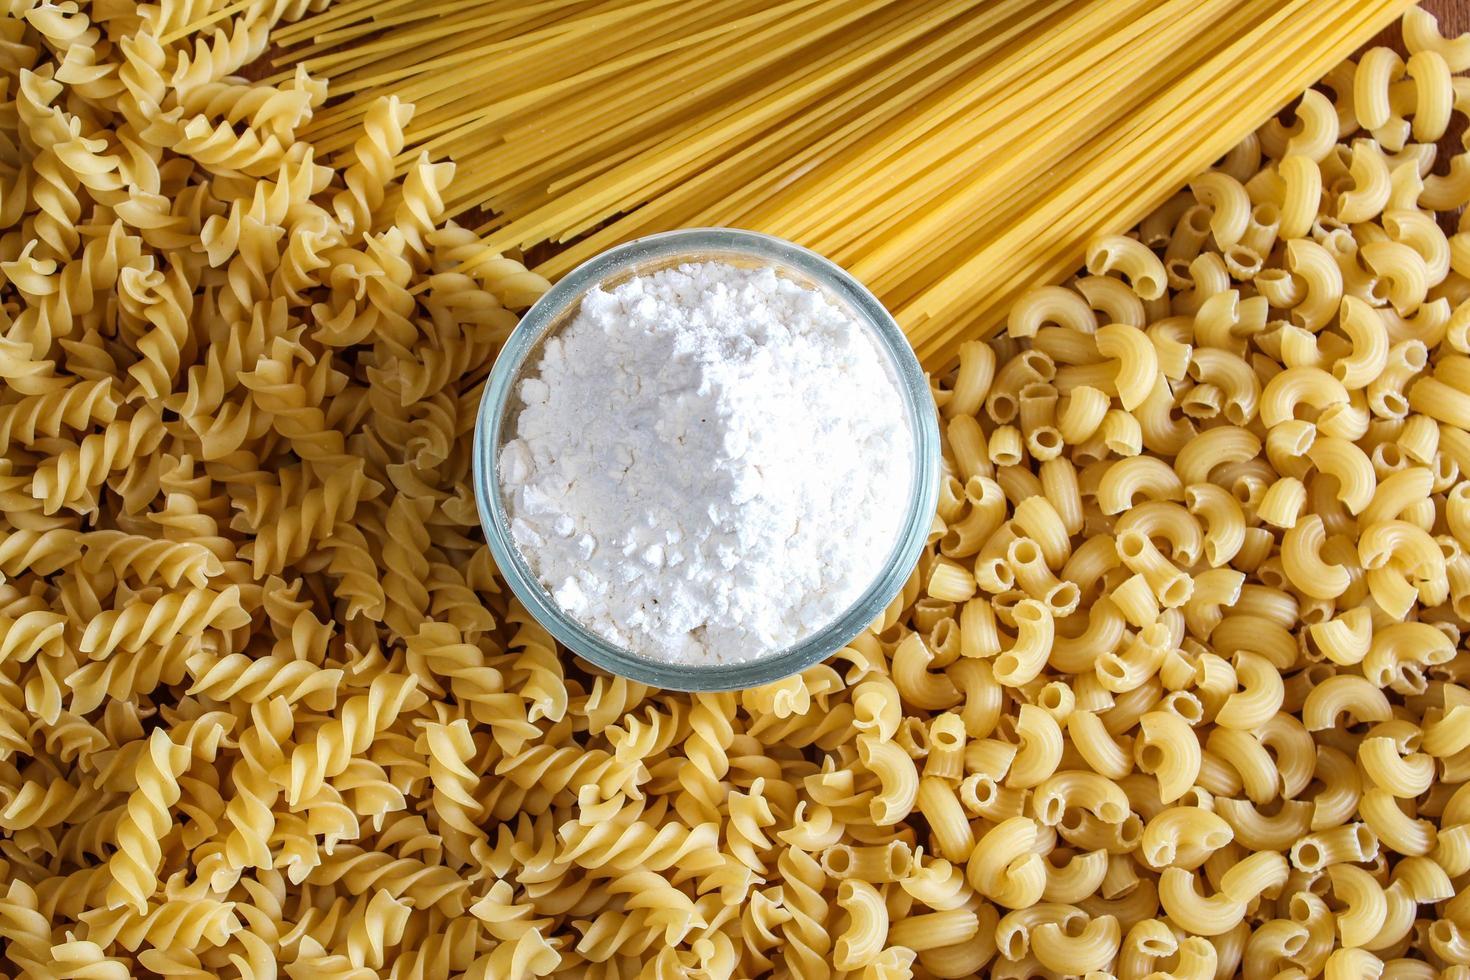 variedad de tipos y formas de pasta italiana seca foto